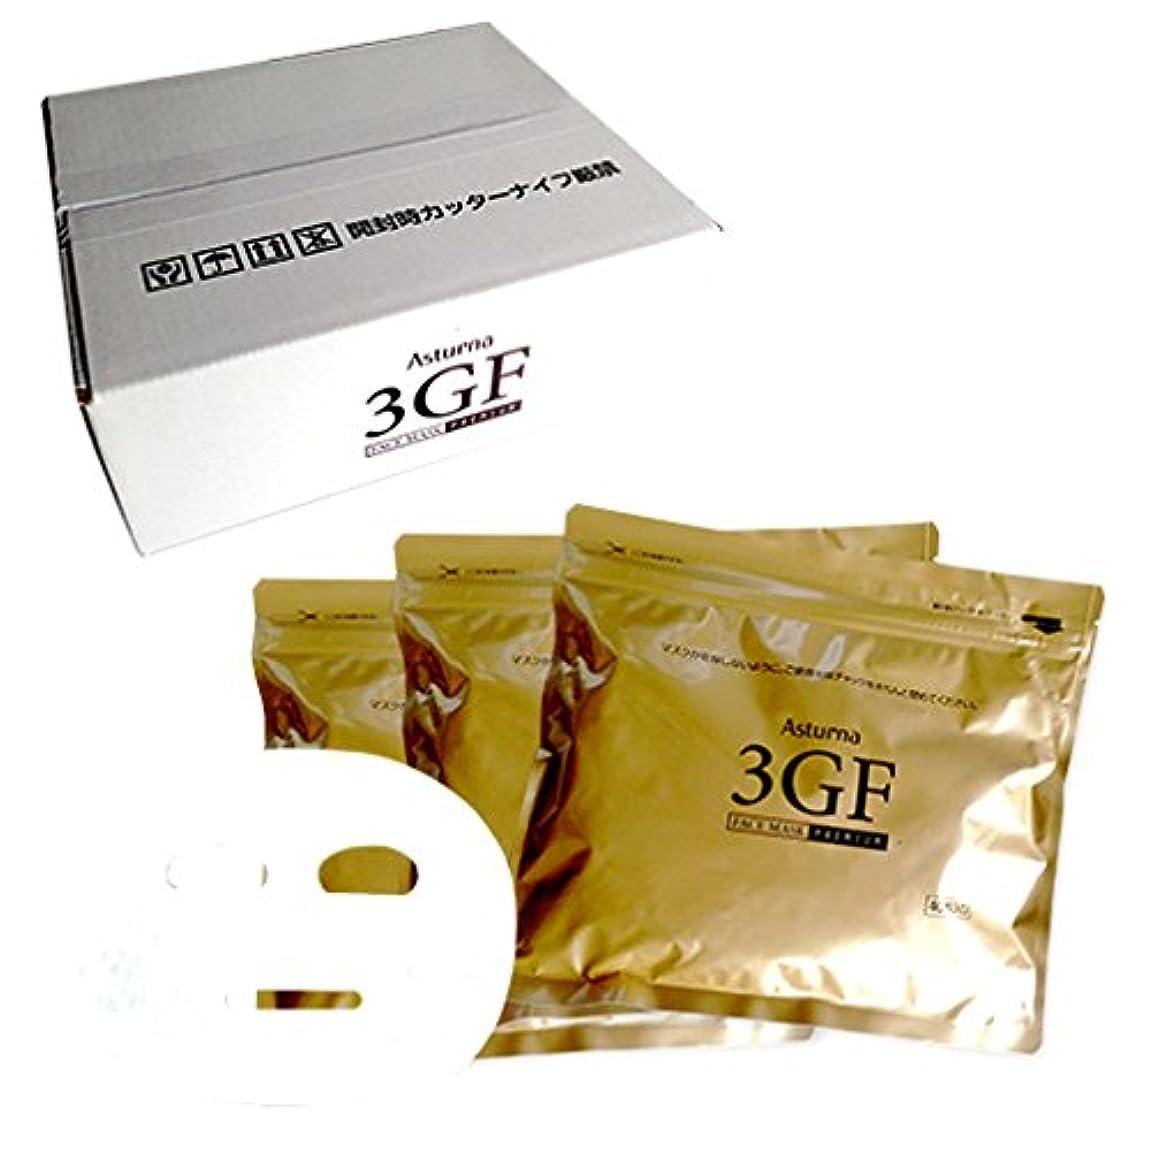 参加する個人的に不正直【まとめ買い】アスターナ 3GF フェイスマスク プレミアム 120枚入(40枚入×3袋)